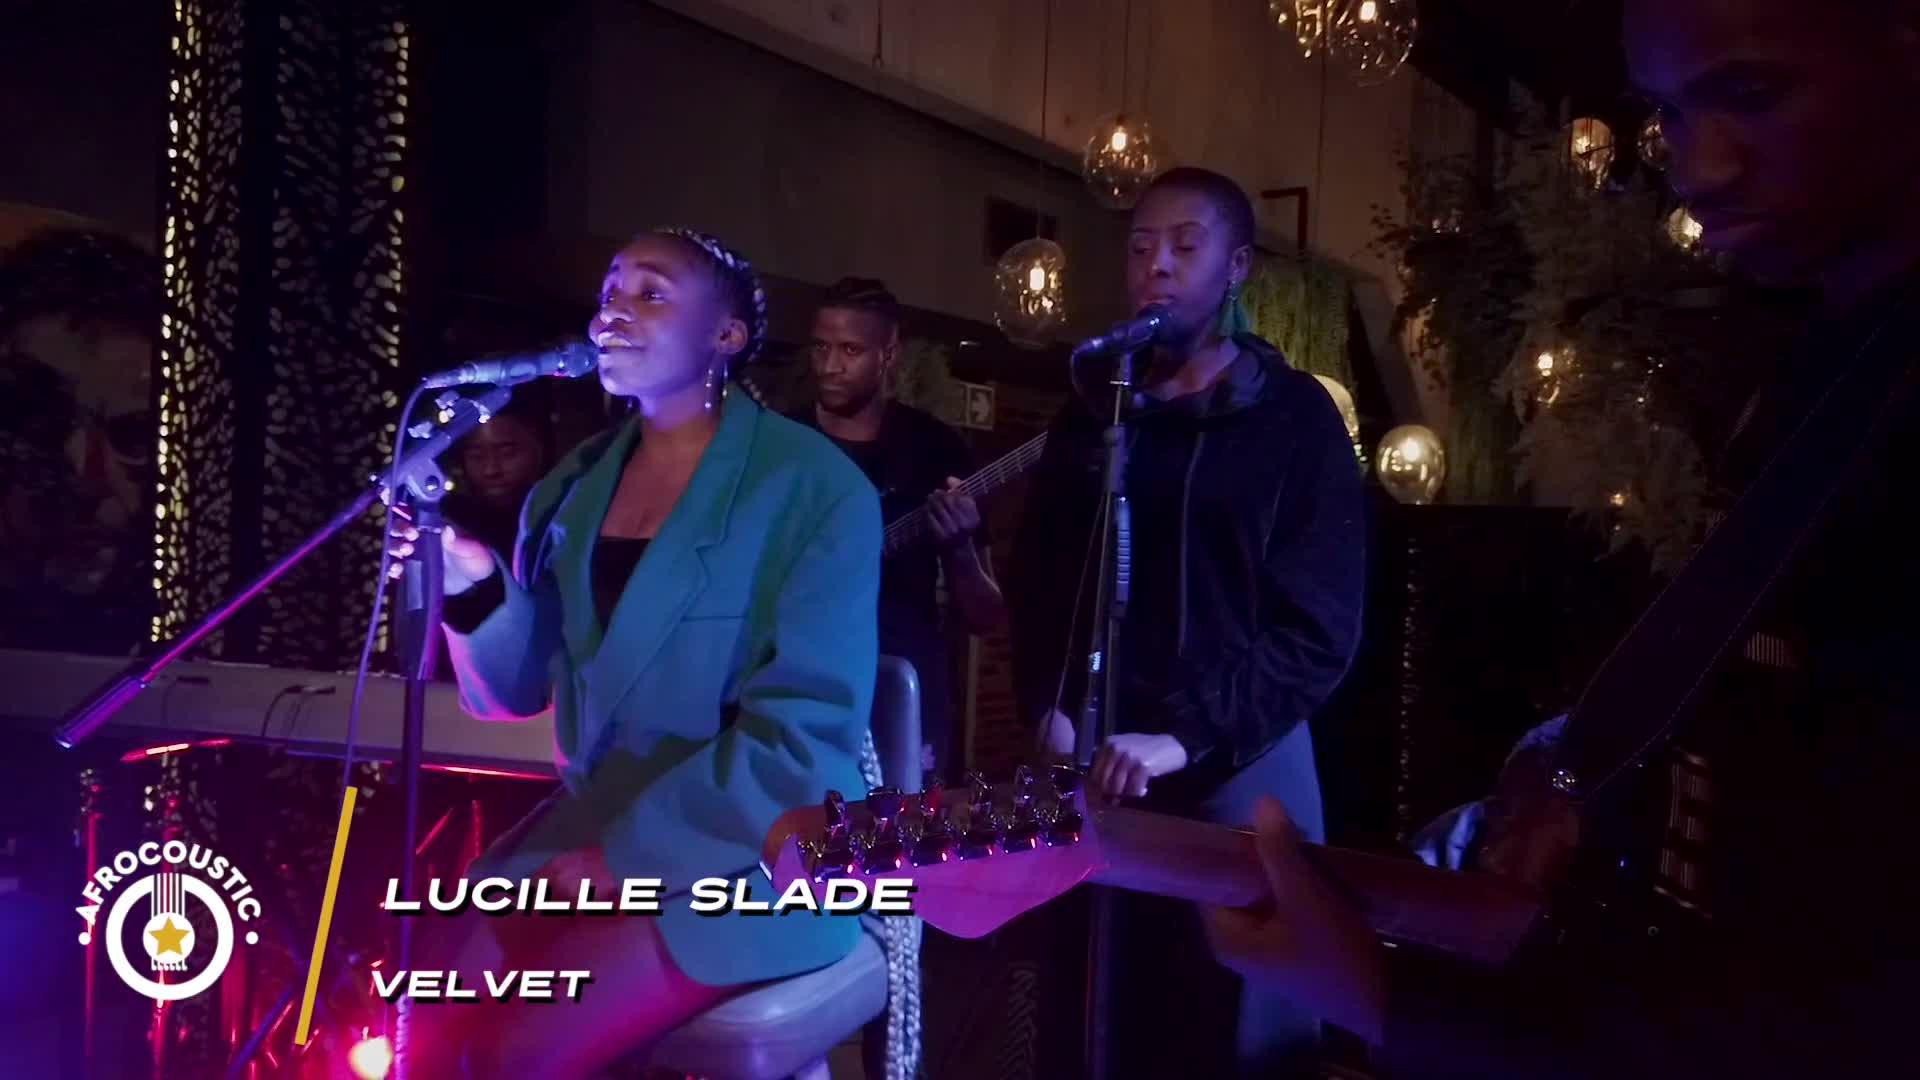 Afrocoustic - Lucille Slade - Velvet